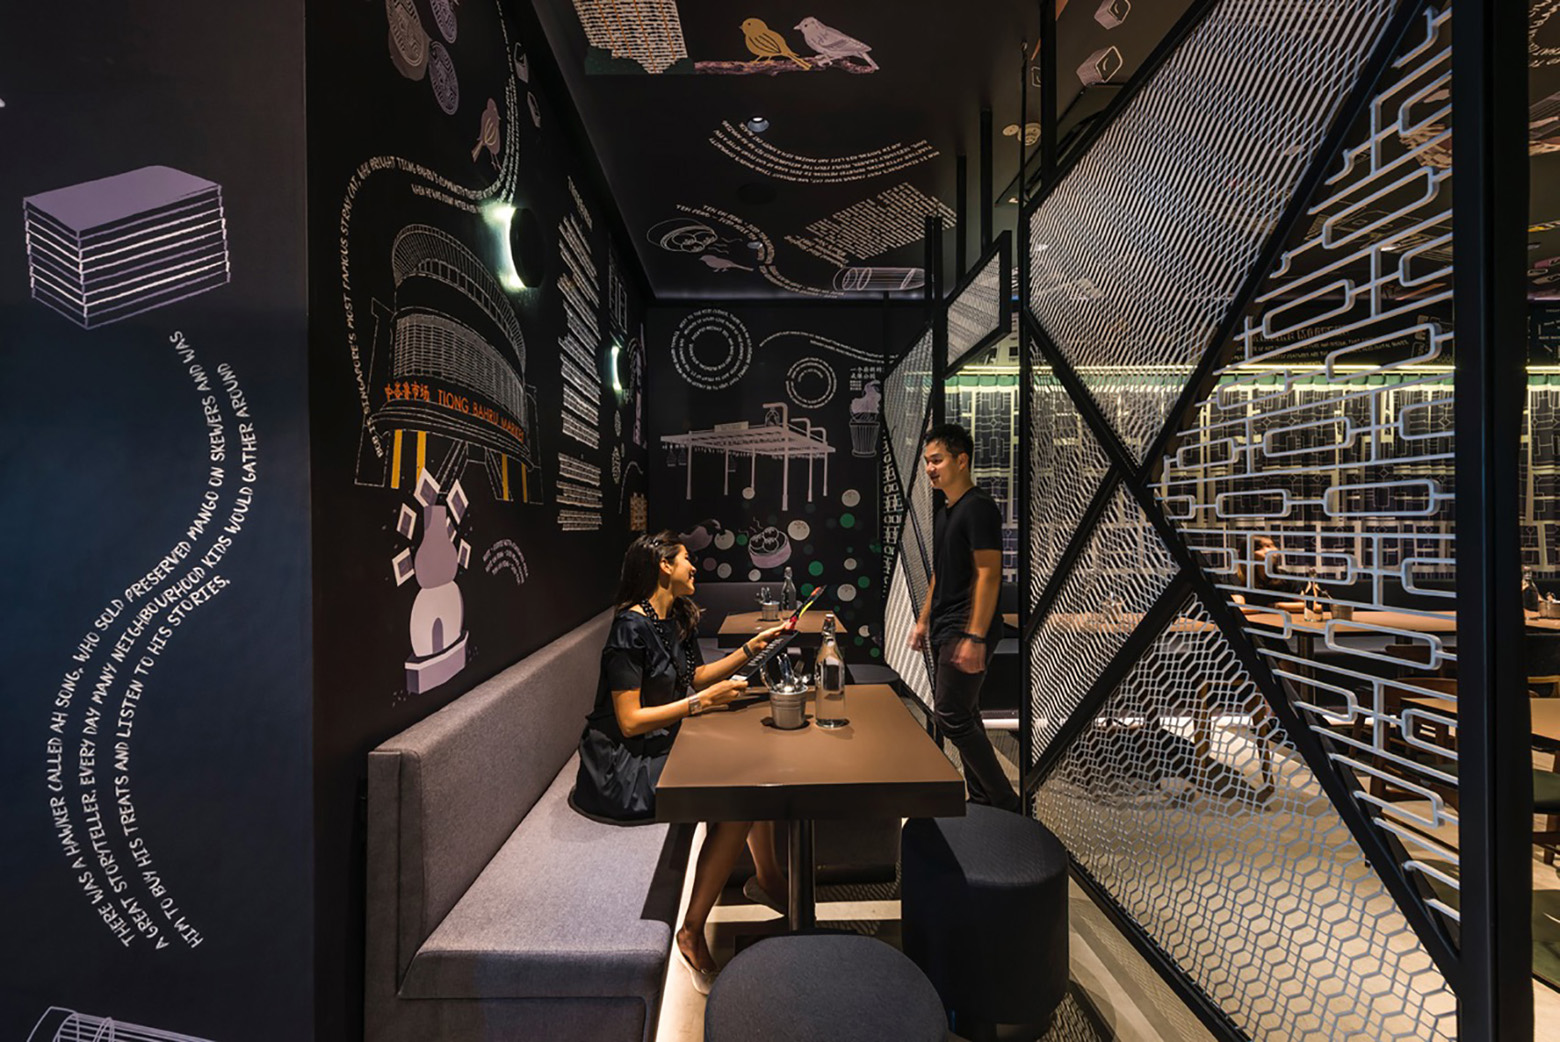 ホテルの壁面グラフィックで空間の個性やアイデンティティを表現した店舗デザイン